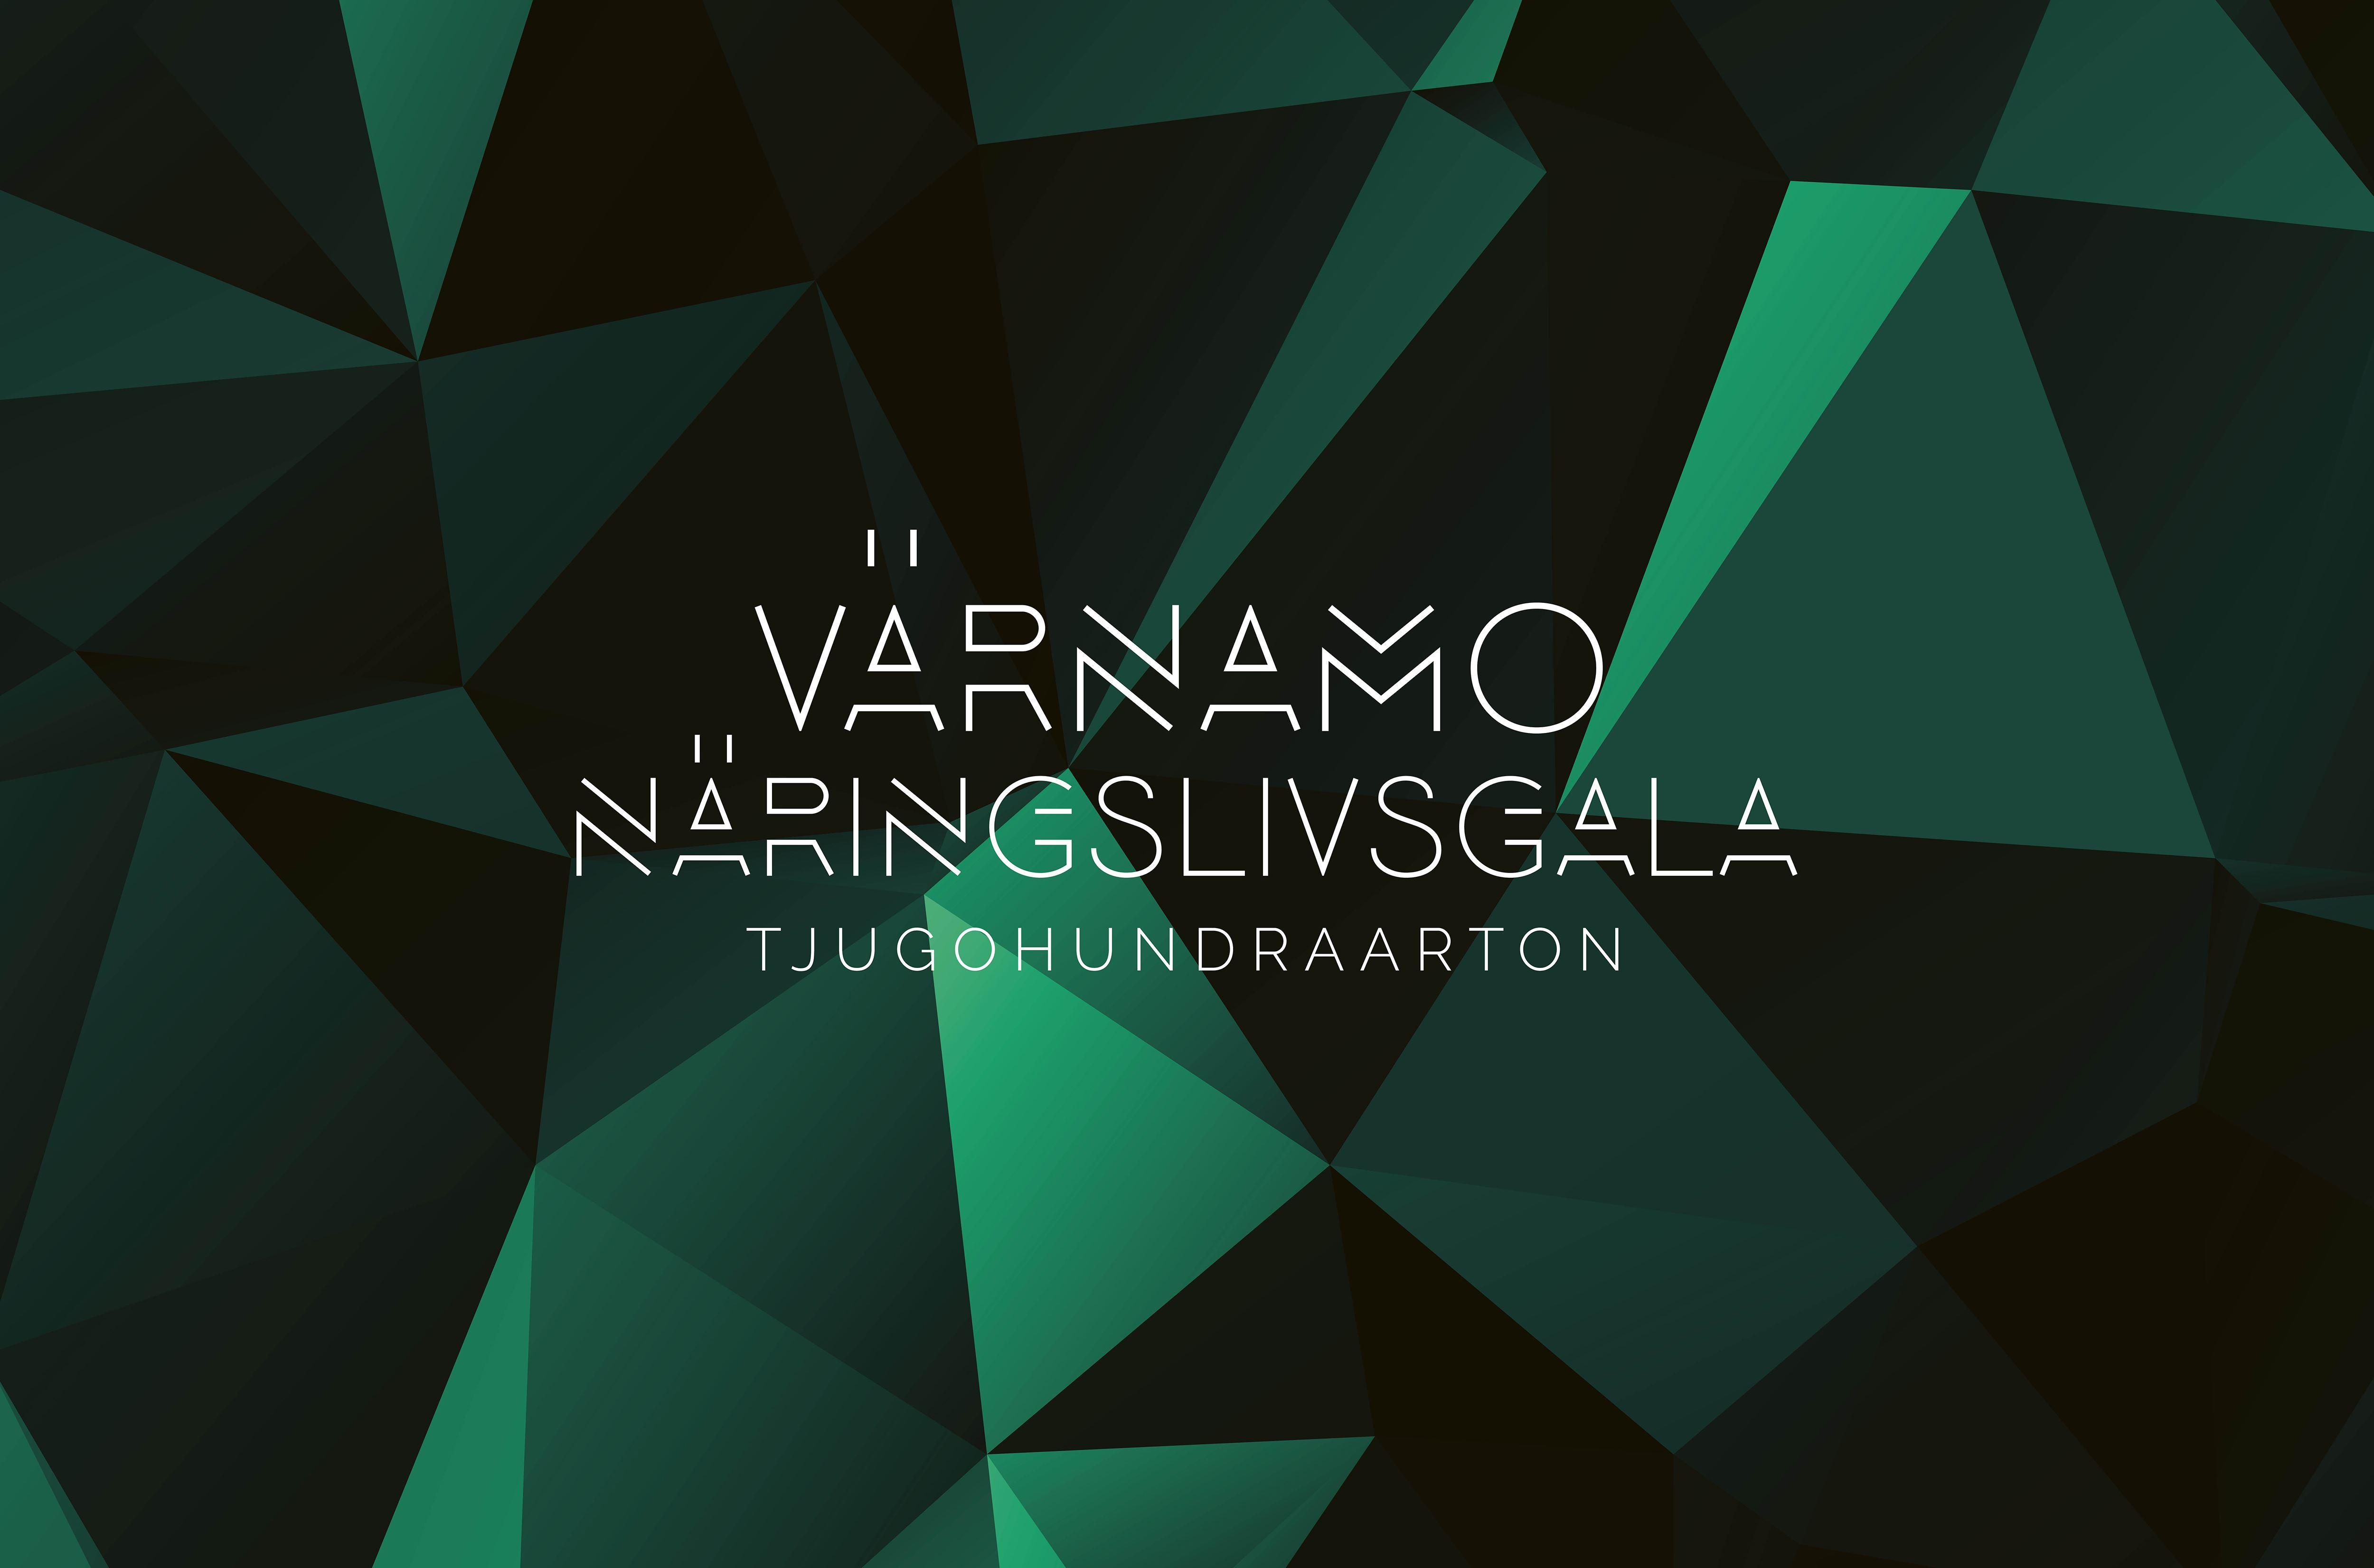 Värnamo Näringslivsgala 2018